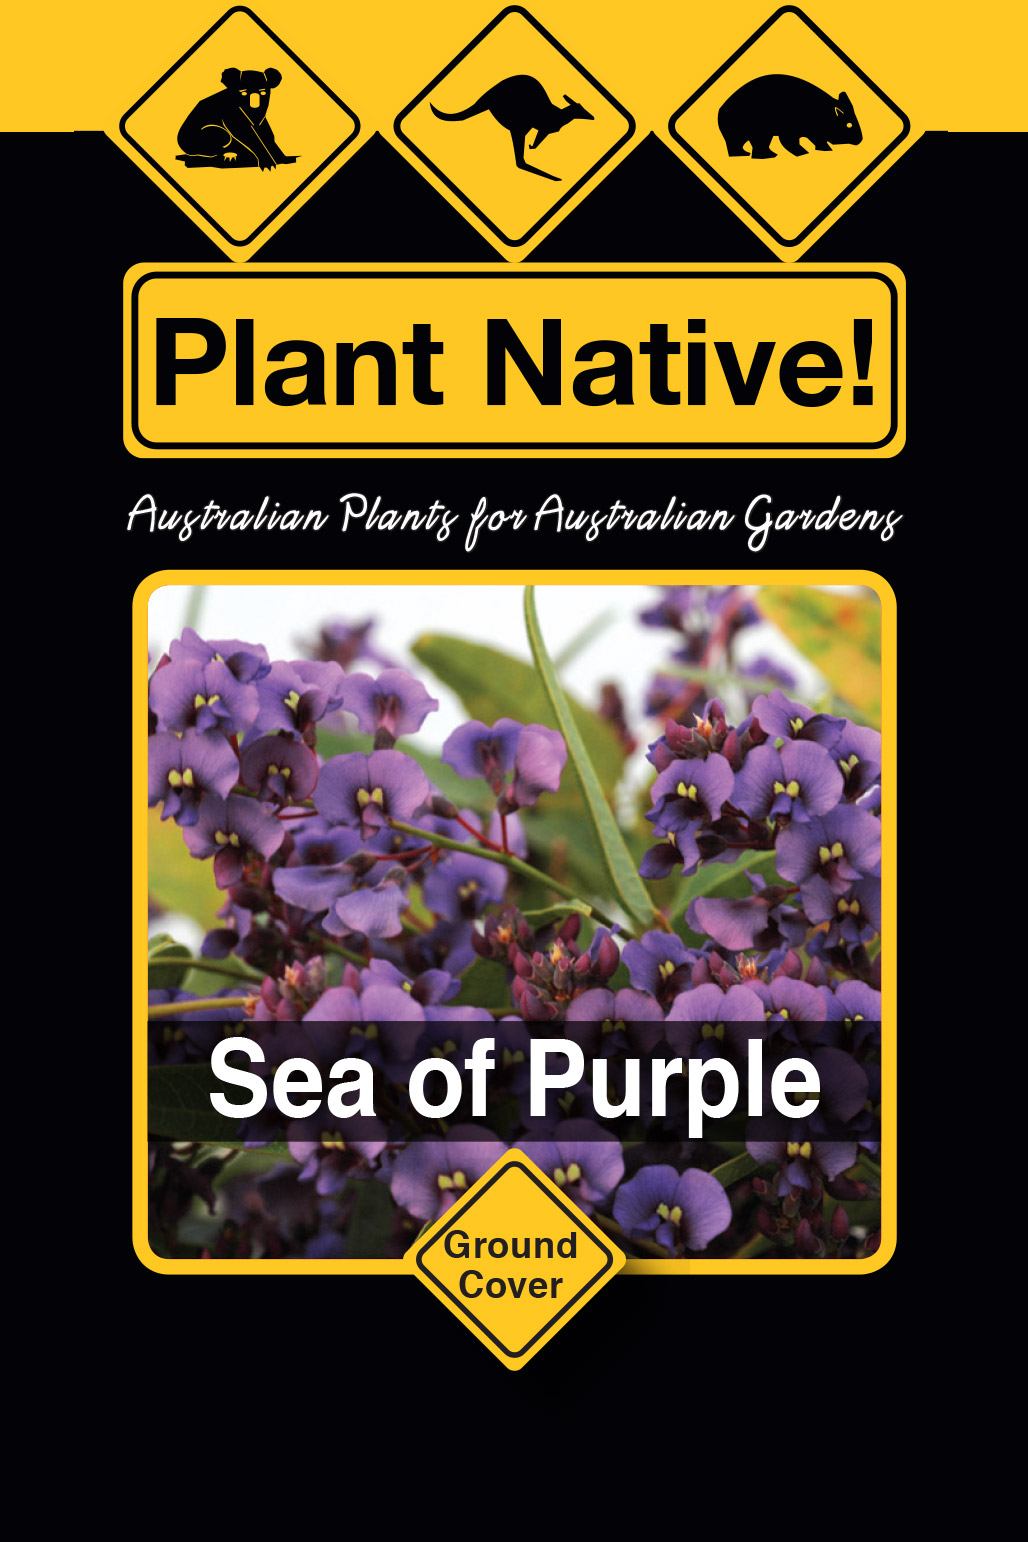 Sea of Purple - Plant Native!